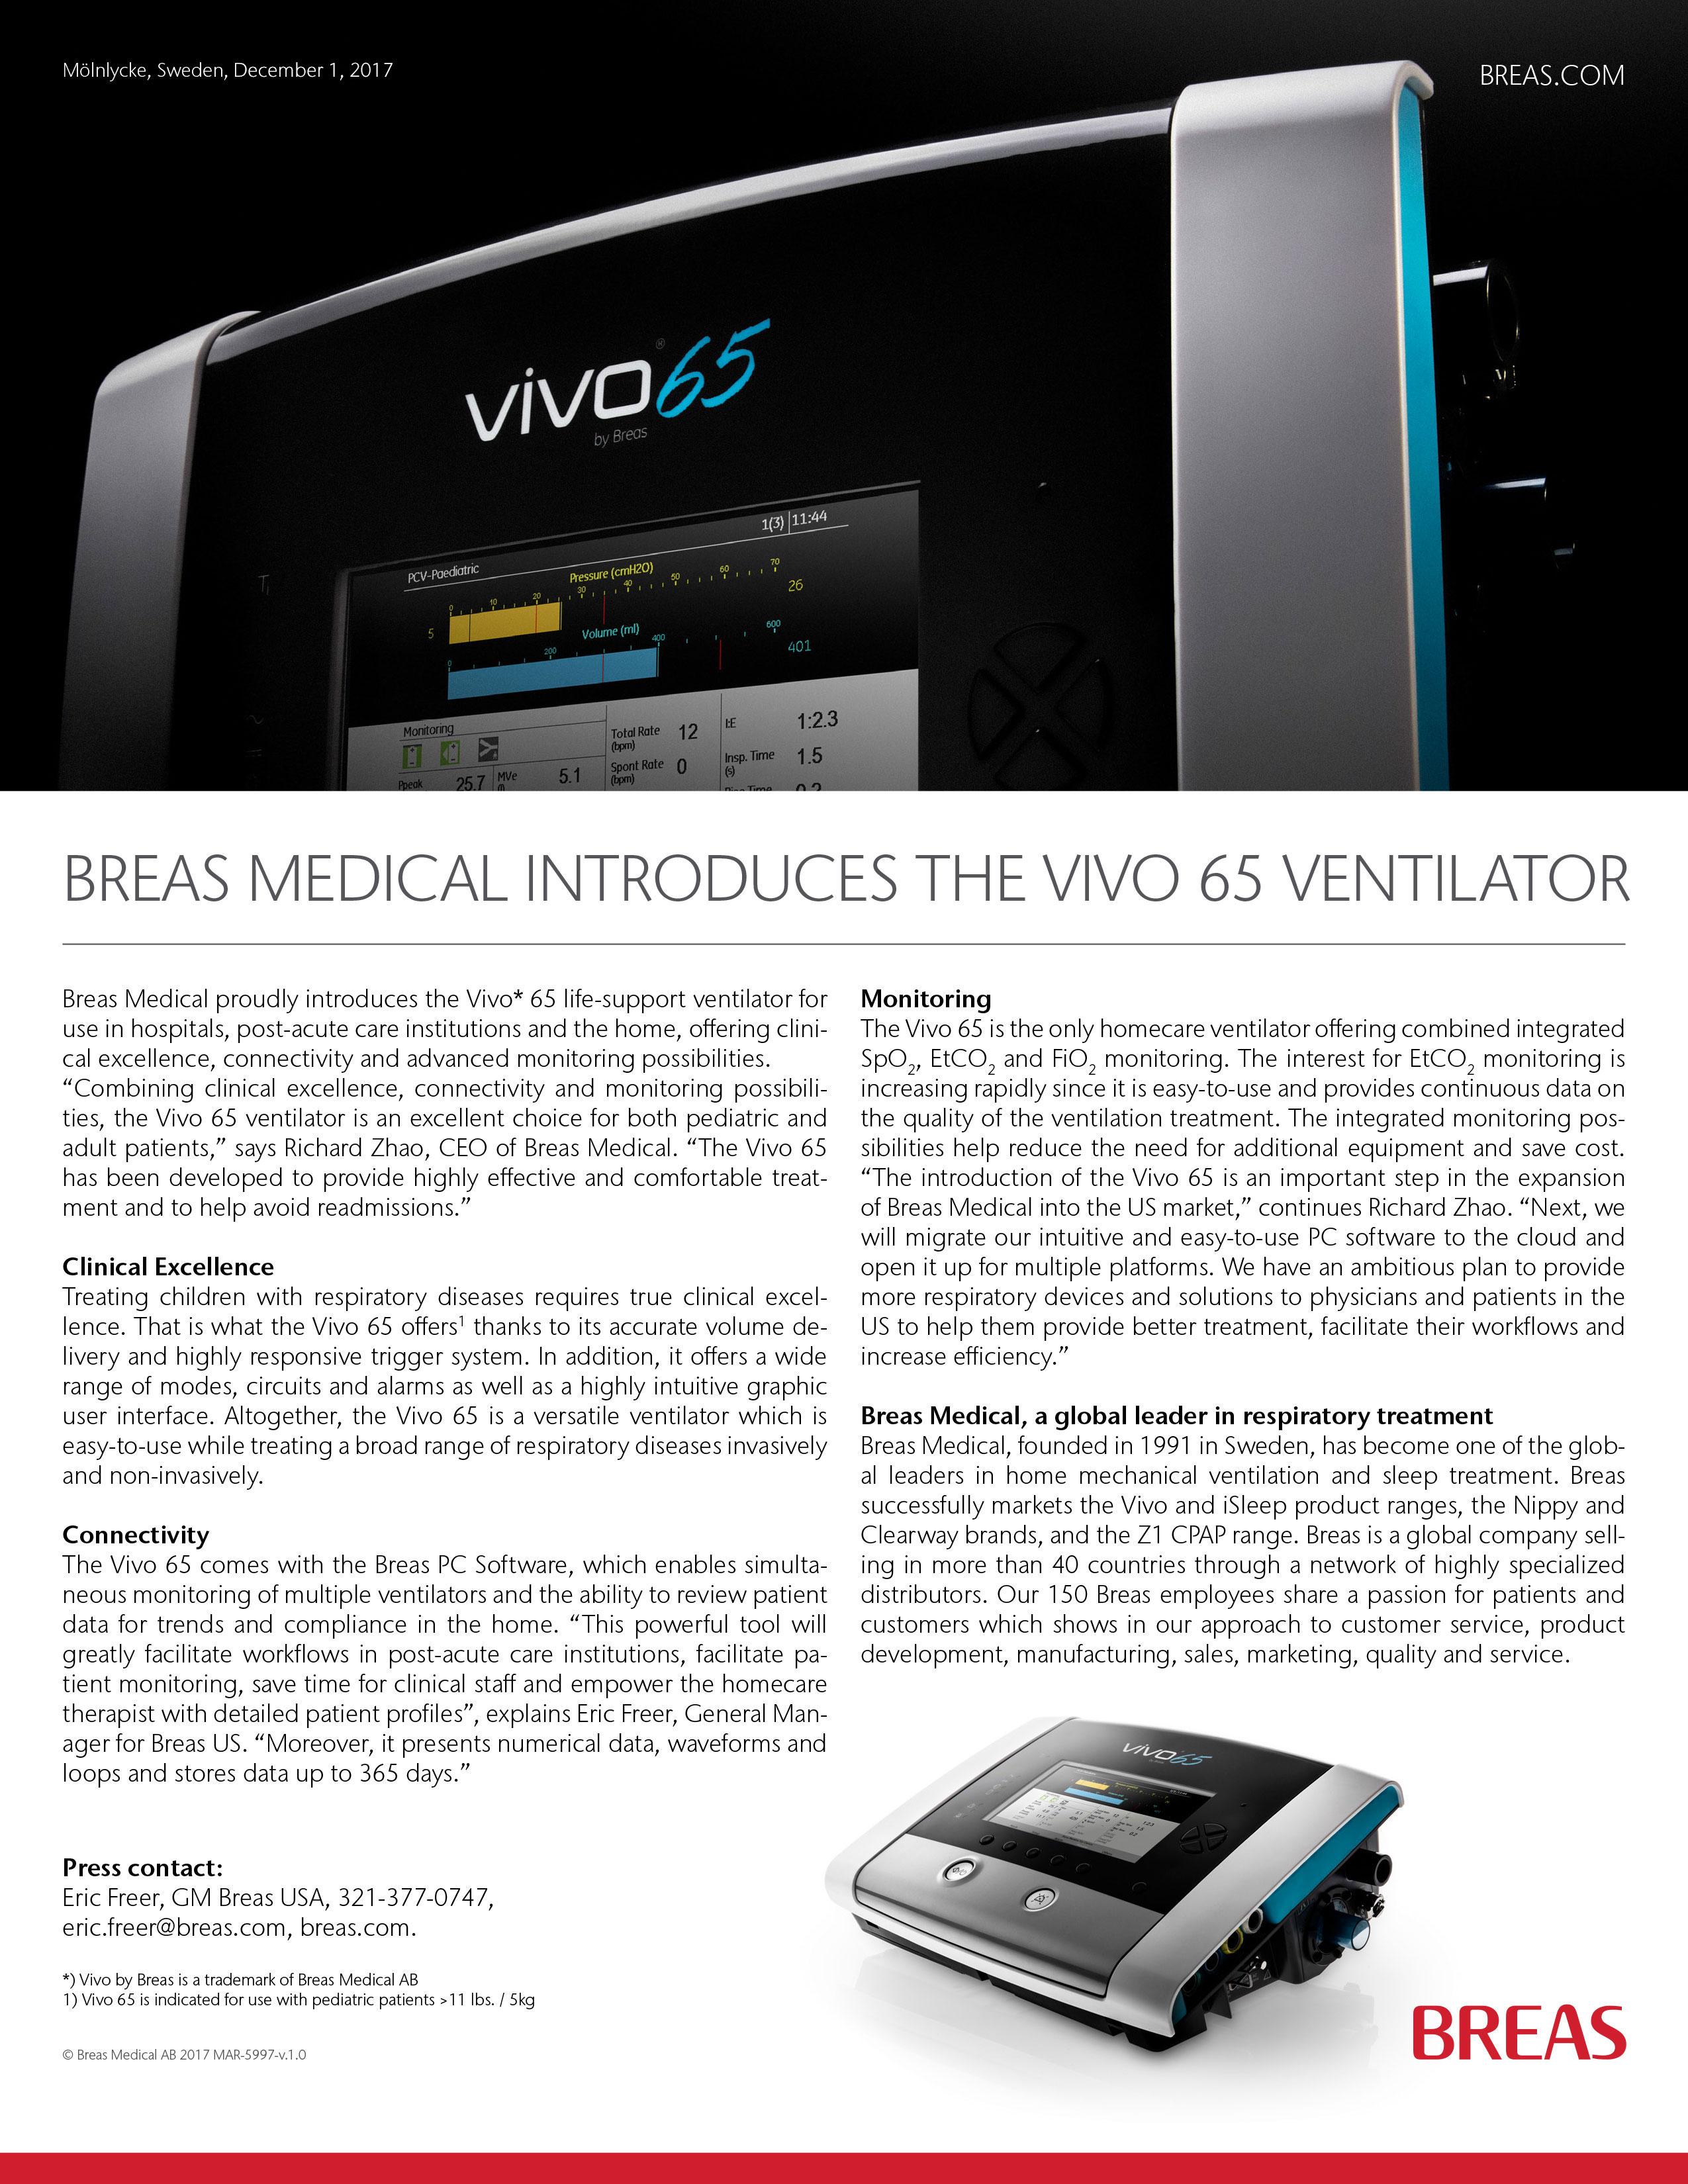 breas medical introduces the vivo 65 ventilator breas rh breas com breas vivo 50 user manual